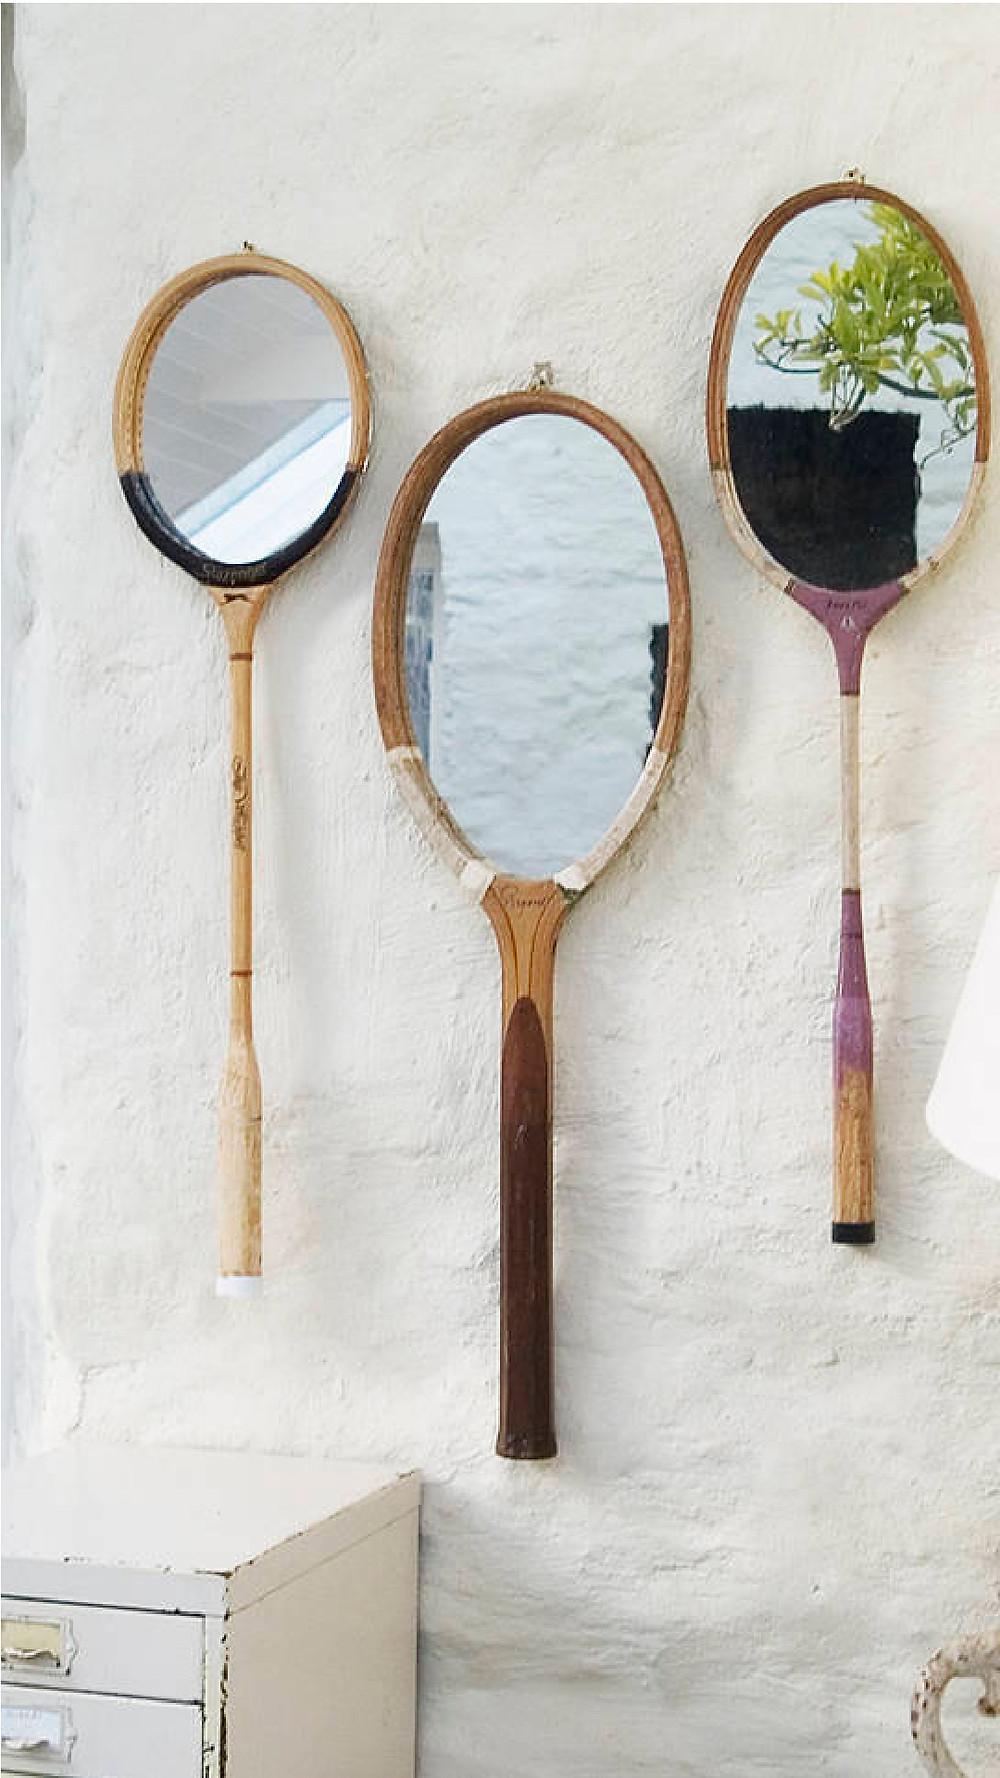 Raquetes antigas adaptadas com espelhos.